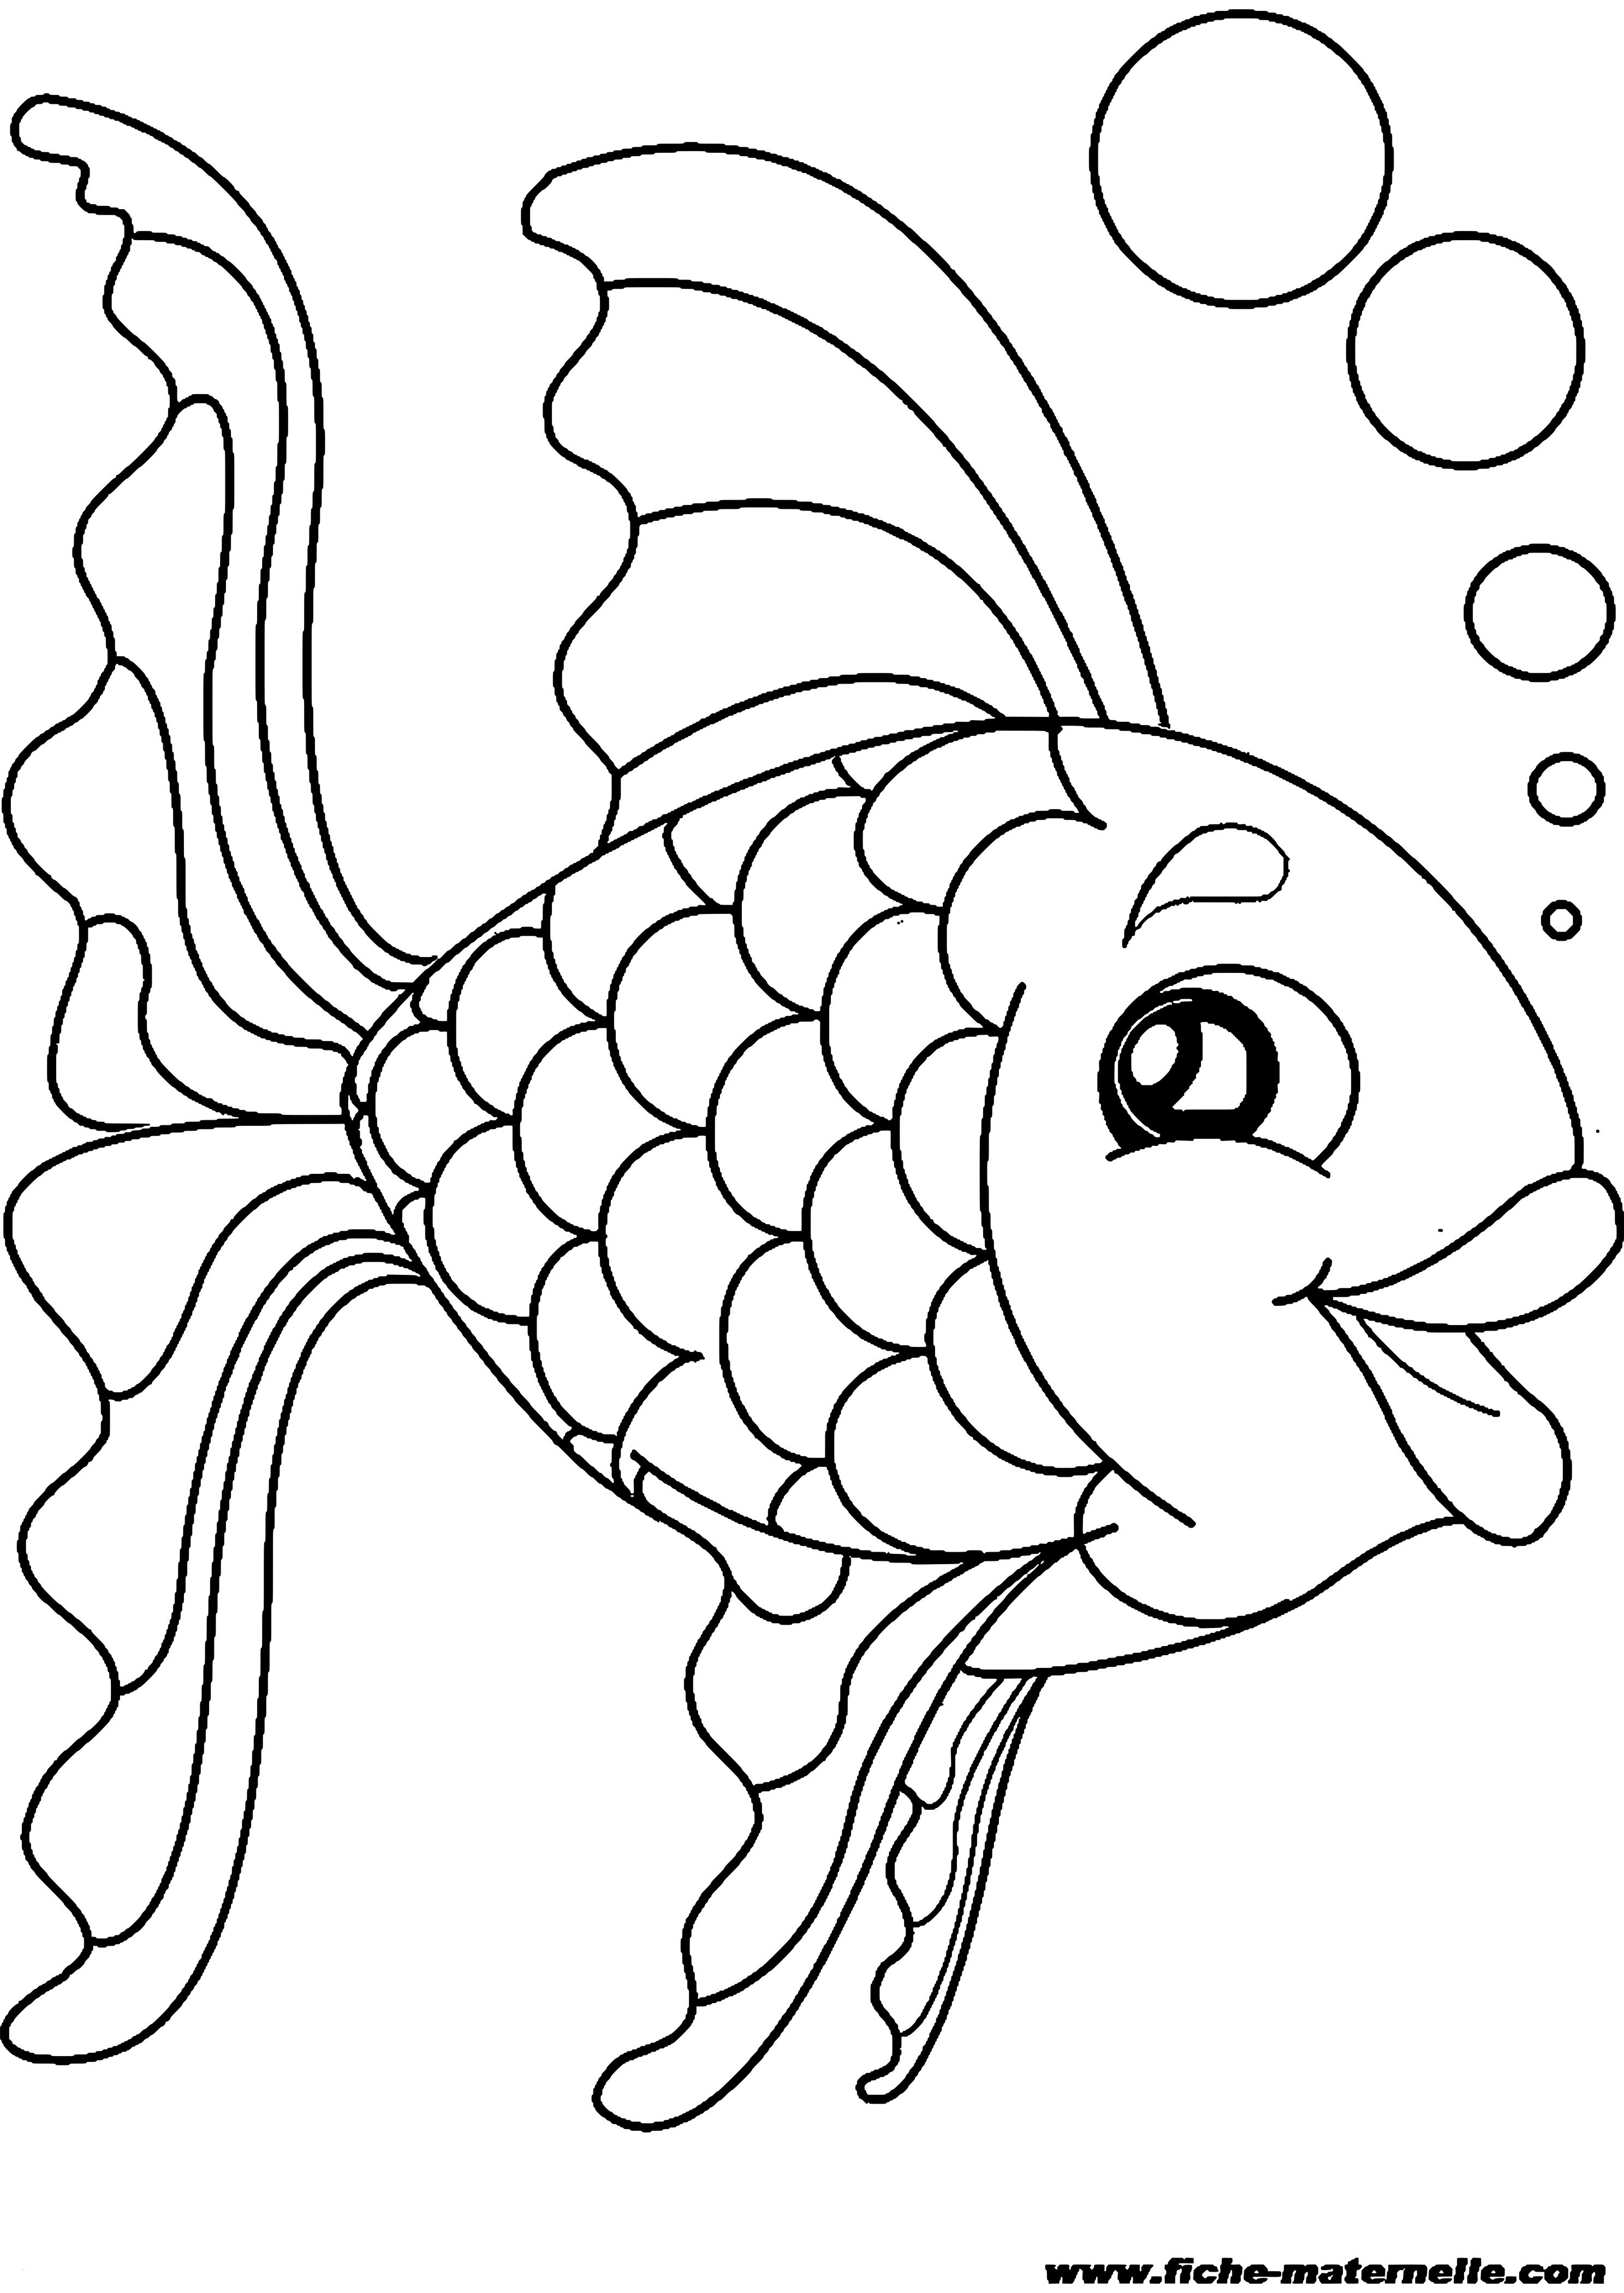 Fische Zum Ausmalen Und Ausdrucken Neu Ausmalbilder Dinosaurier Kostenlos Ausdrucken Einzigartig Bild